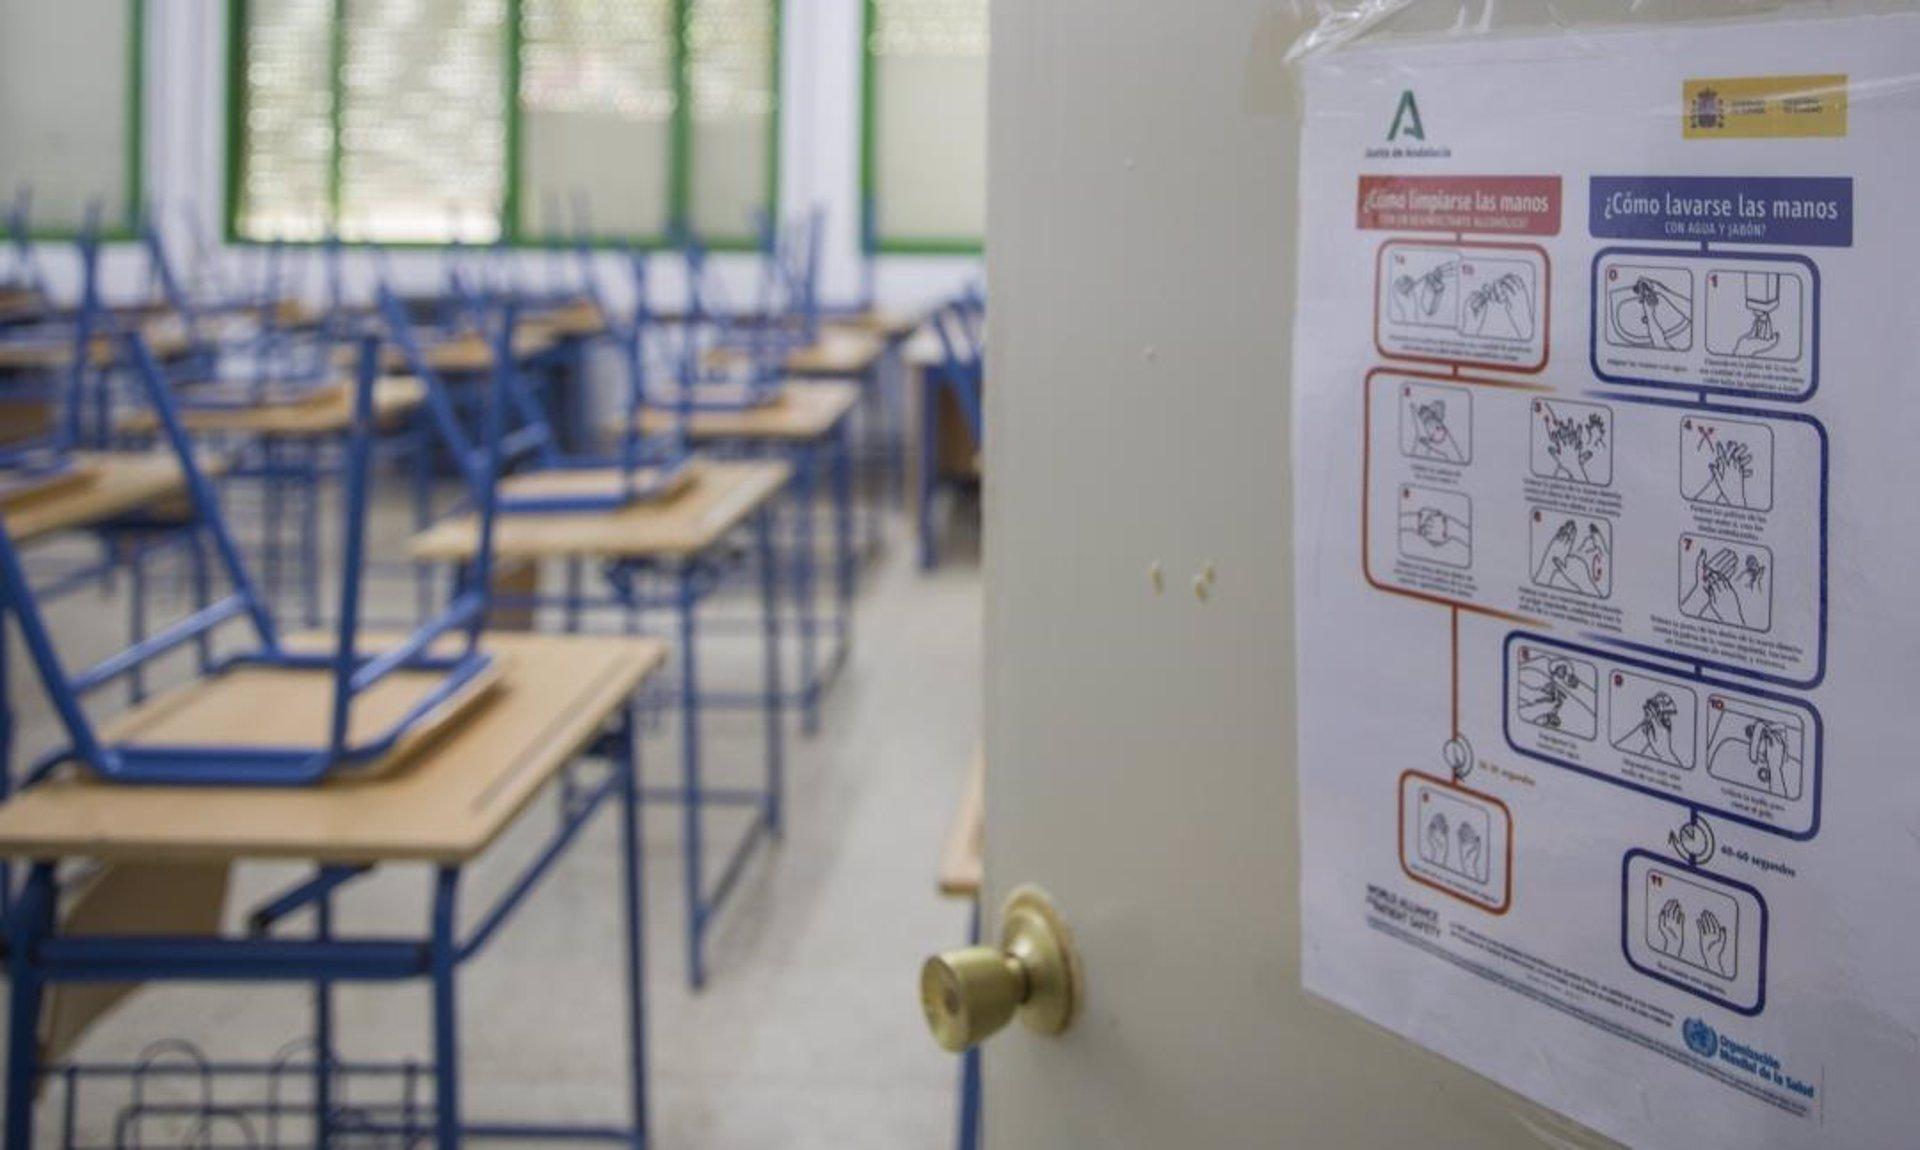 CCOO denuncia que la Junta está notificando la supresión de unidades escolares para el próximo curso